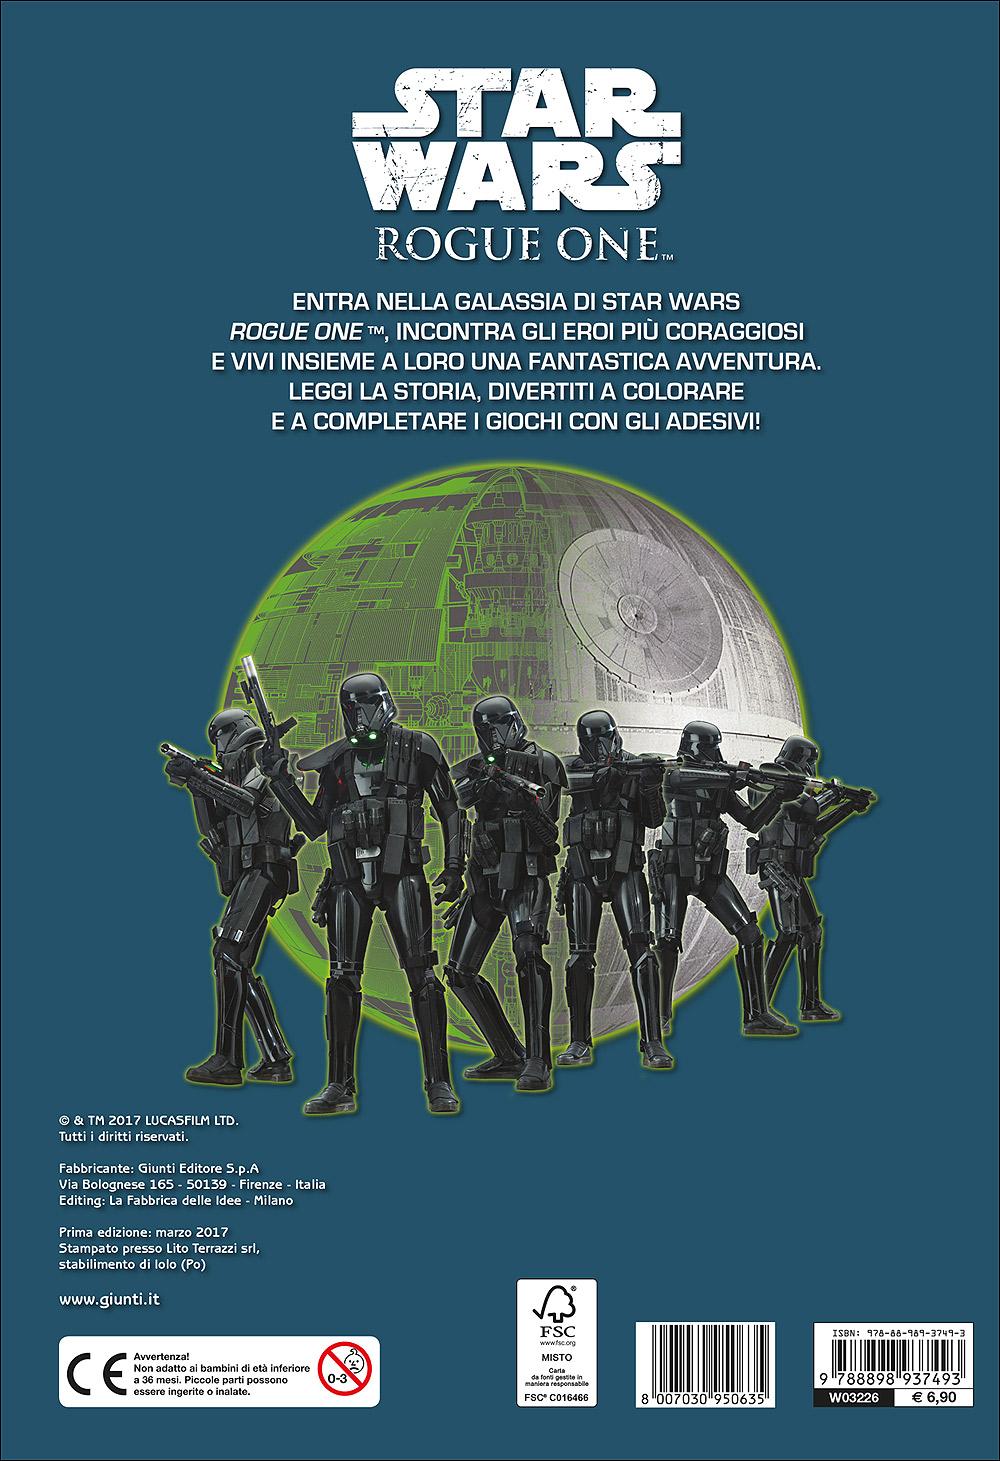 Attacca gli eroi - Star Wars Rogue One. Colora e attacca gli eroi